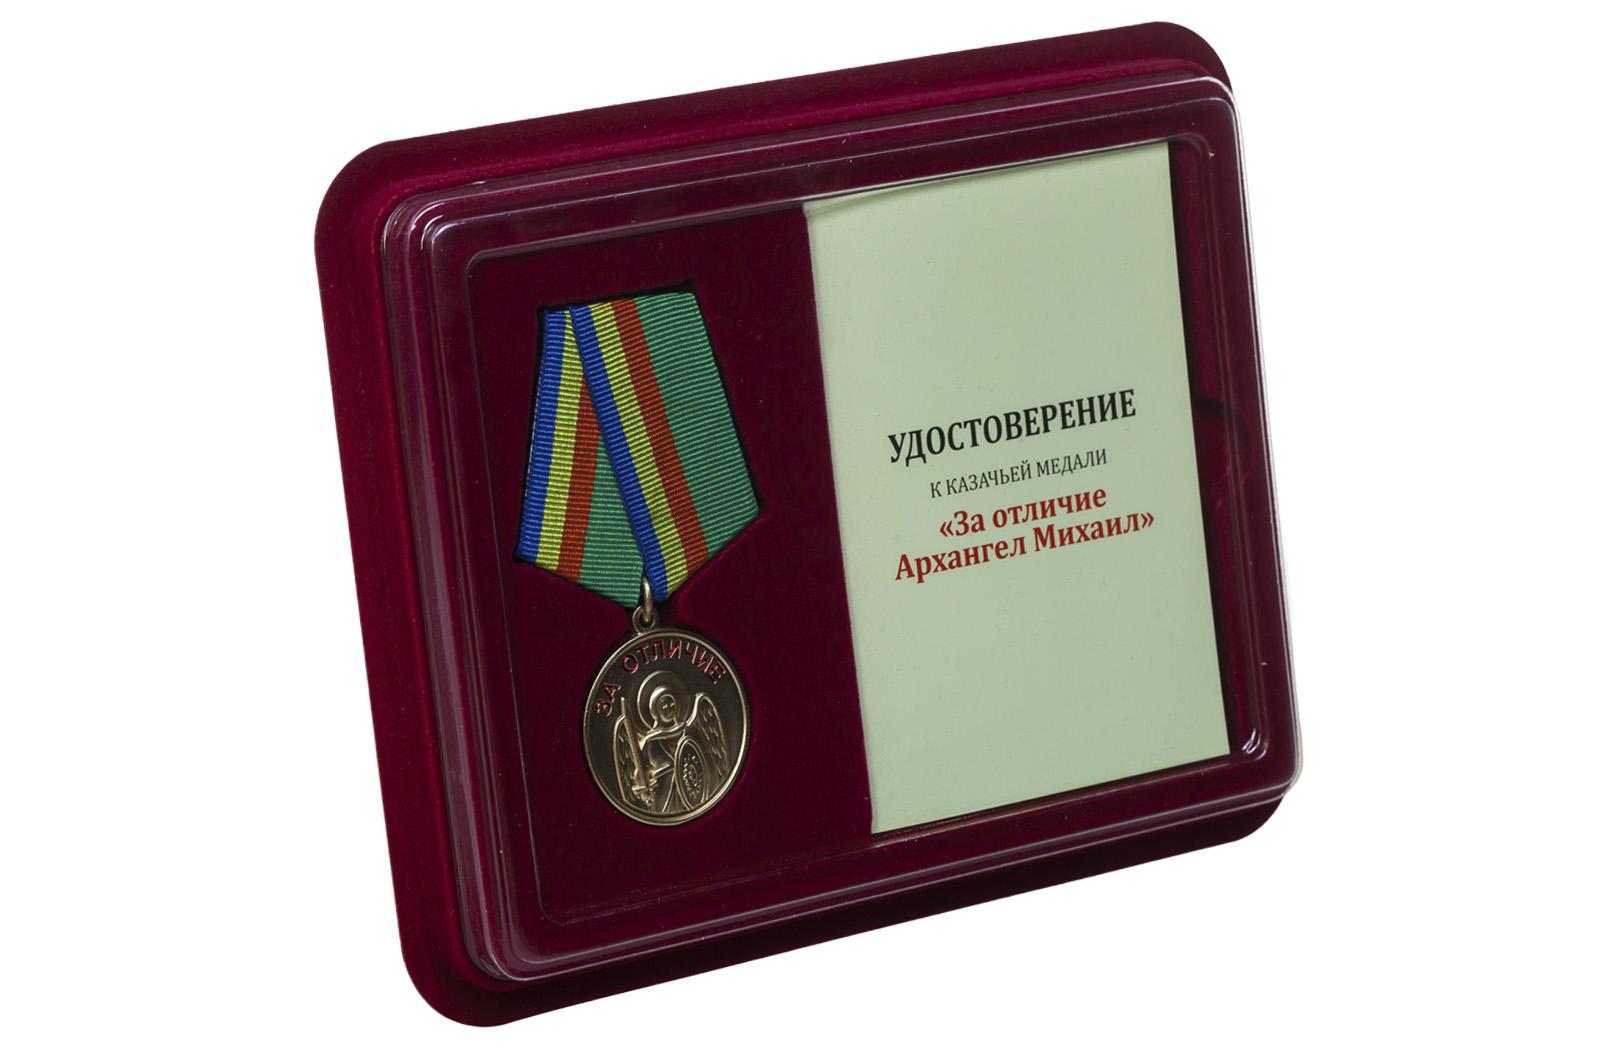 Купить казачью медаль За отличие Архангела Михаила оптом или в розницу